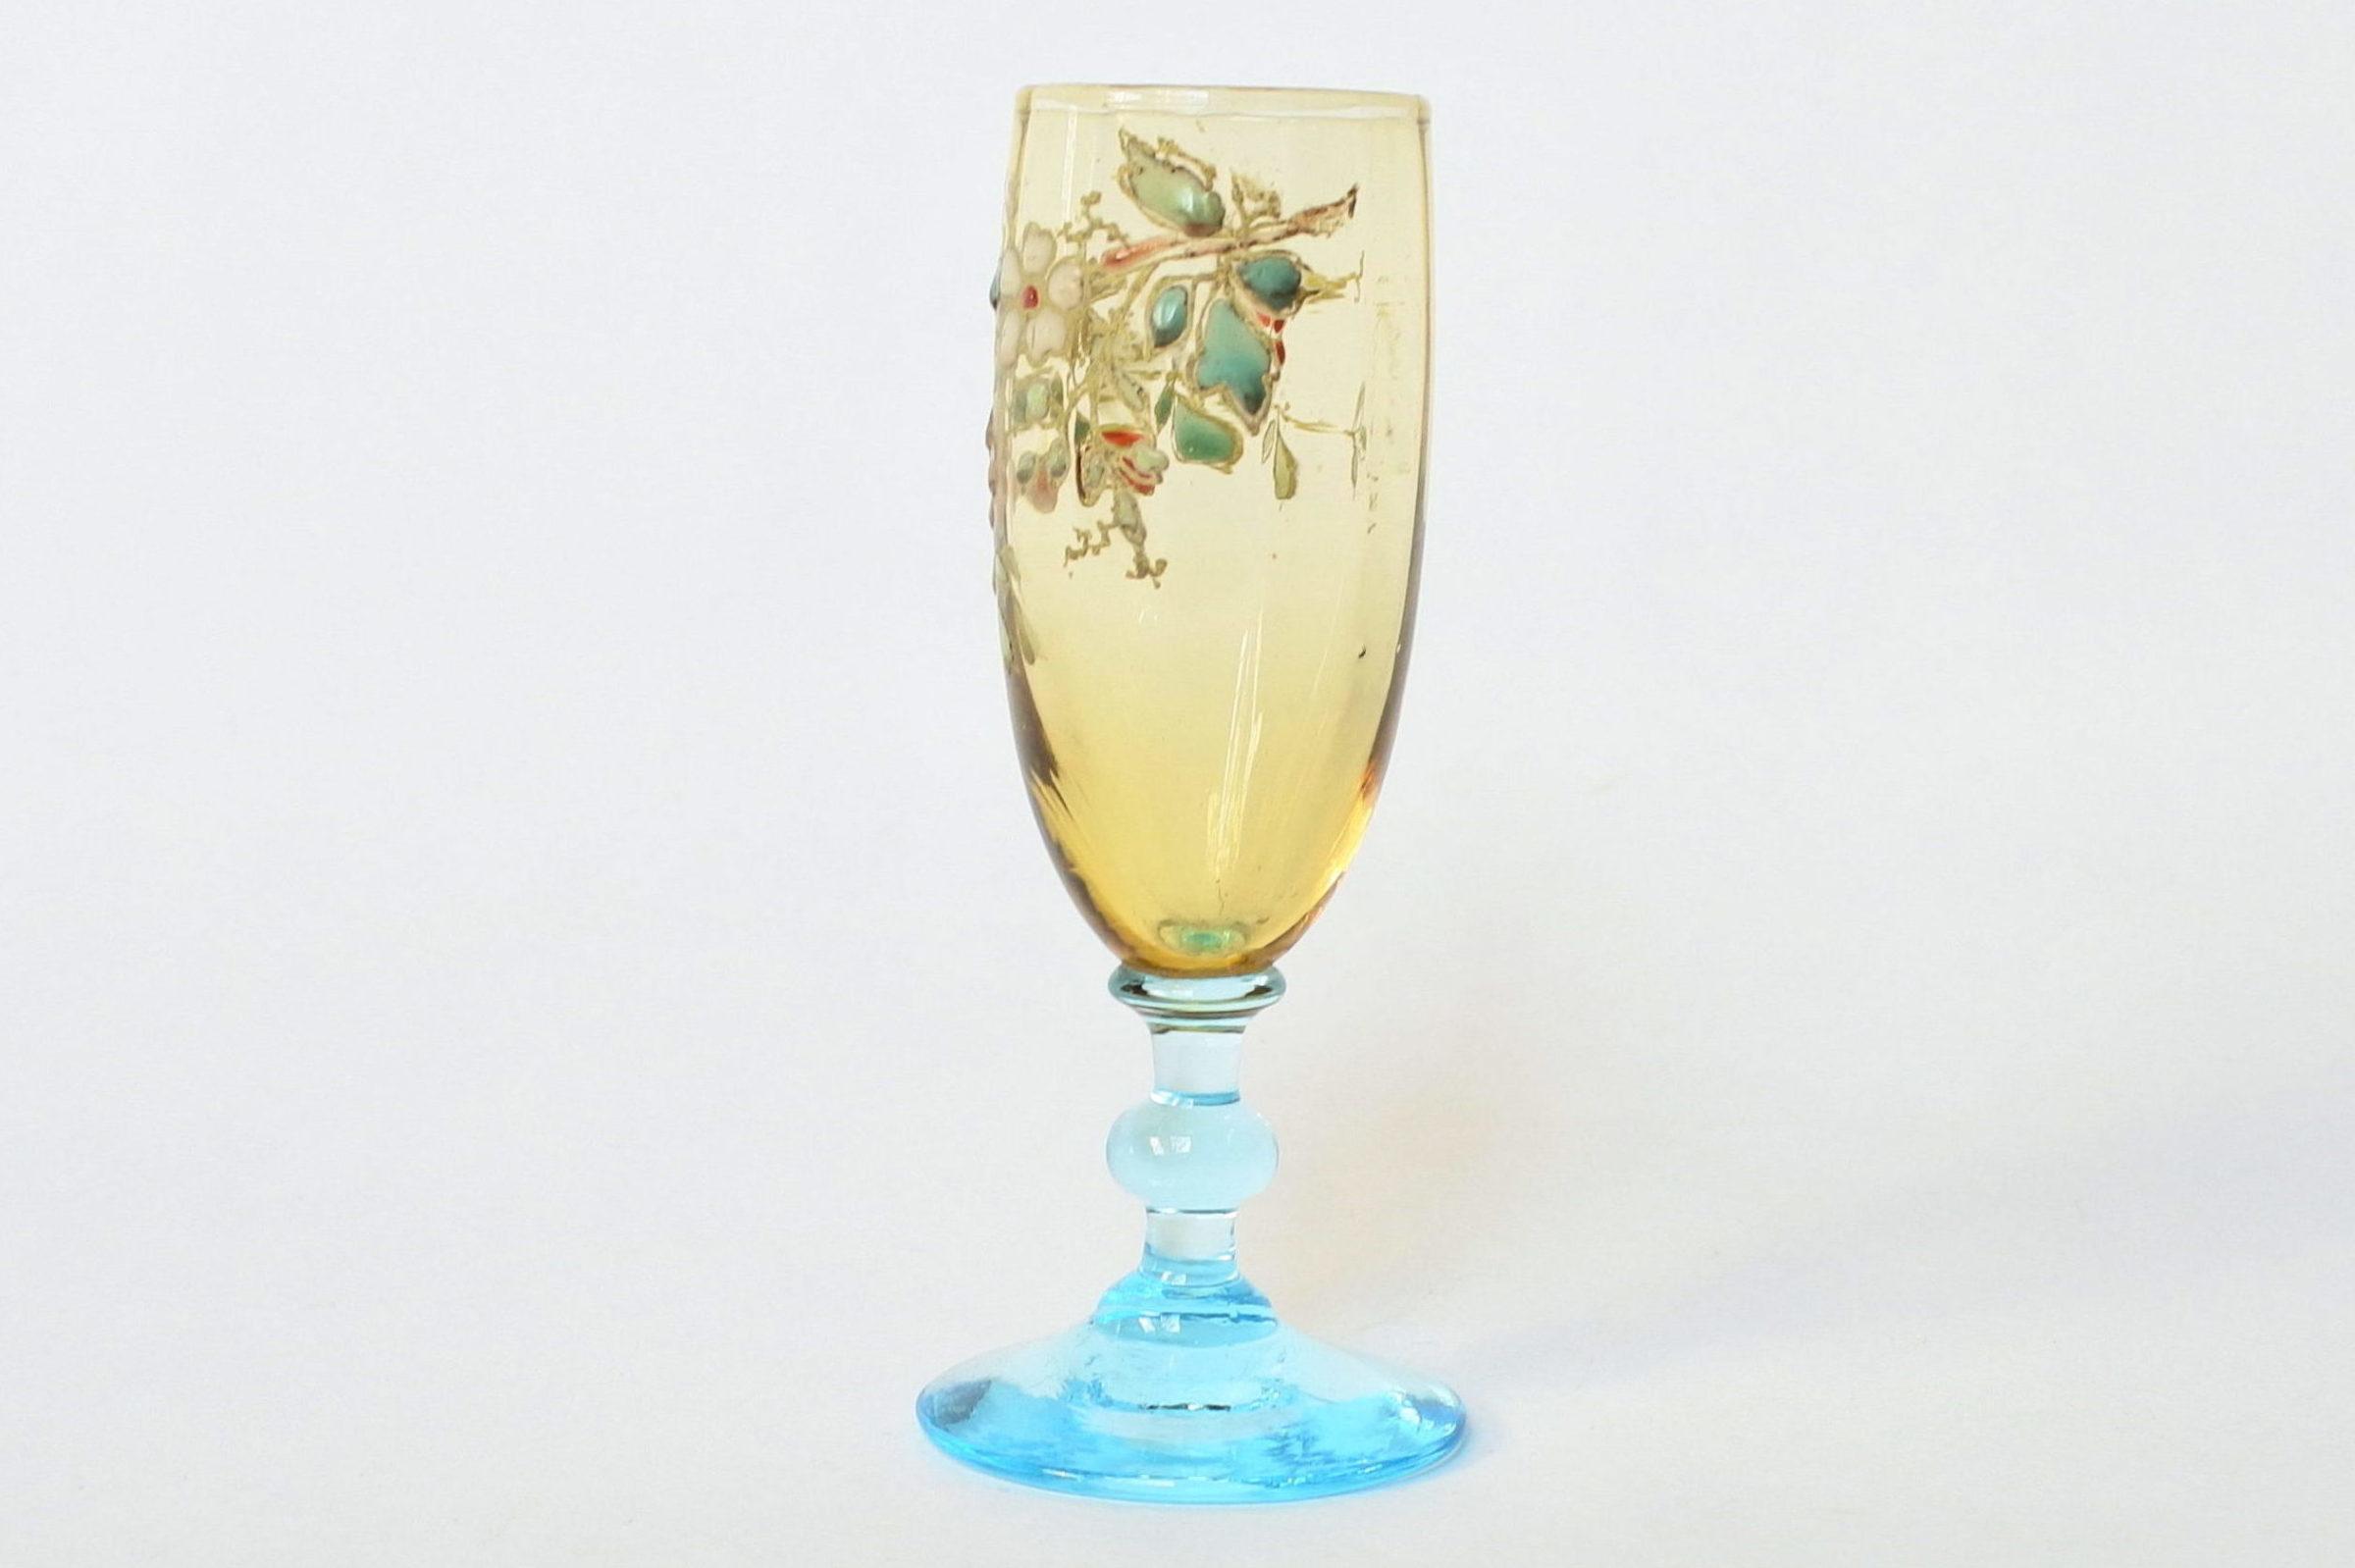 Bicchierino Legras a calice in vetro soffiato giallo con piede azzurro - 2